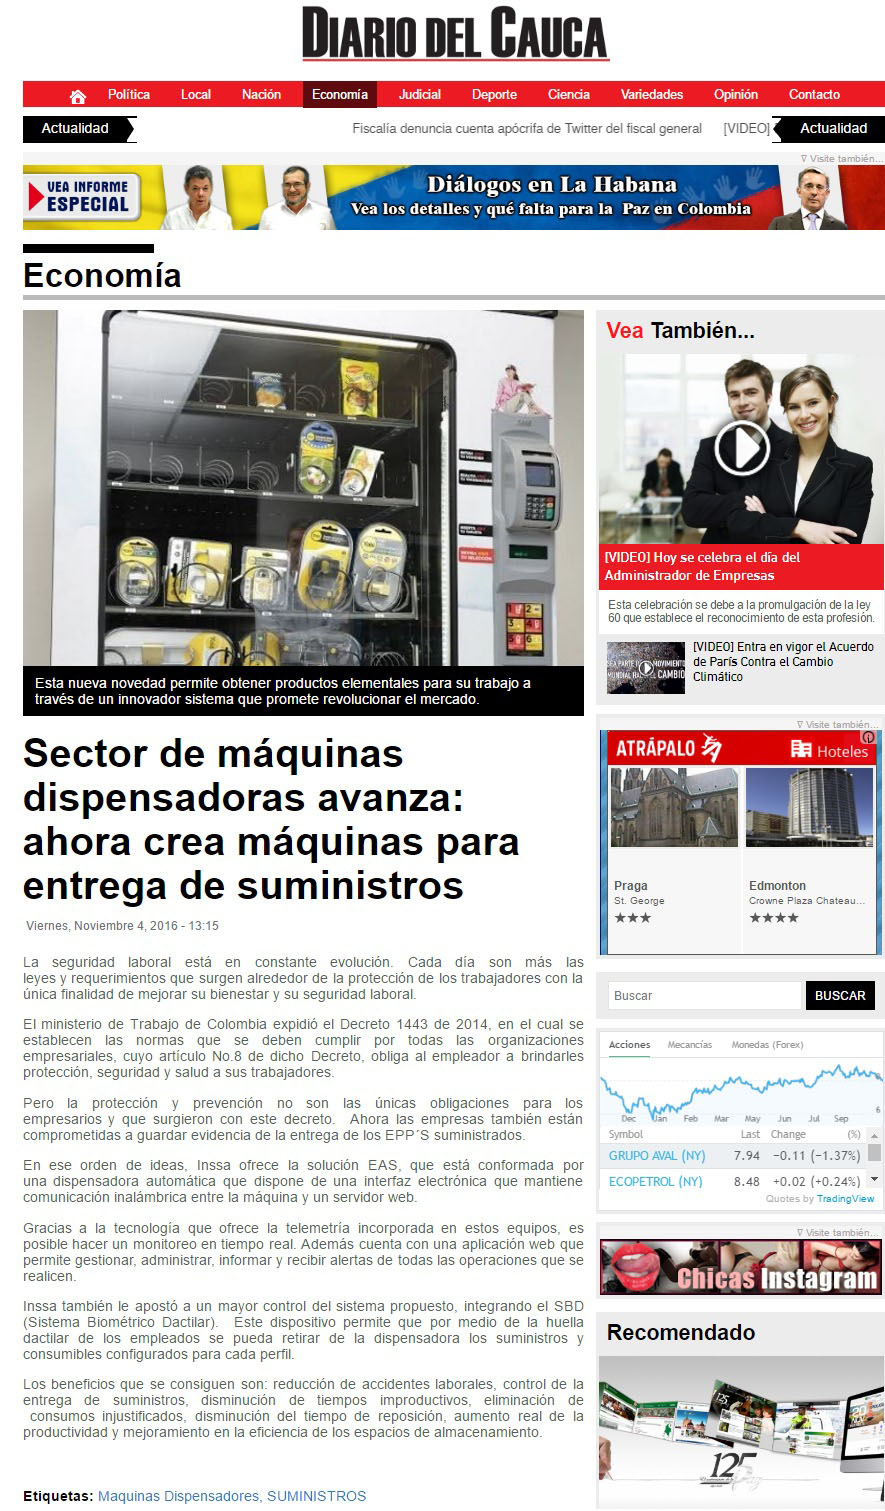 Diario del Cauca 4 de Noviembre de 2016 [web]